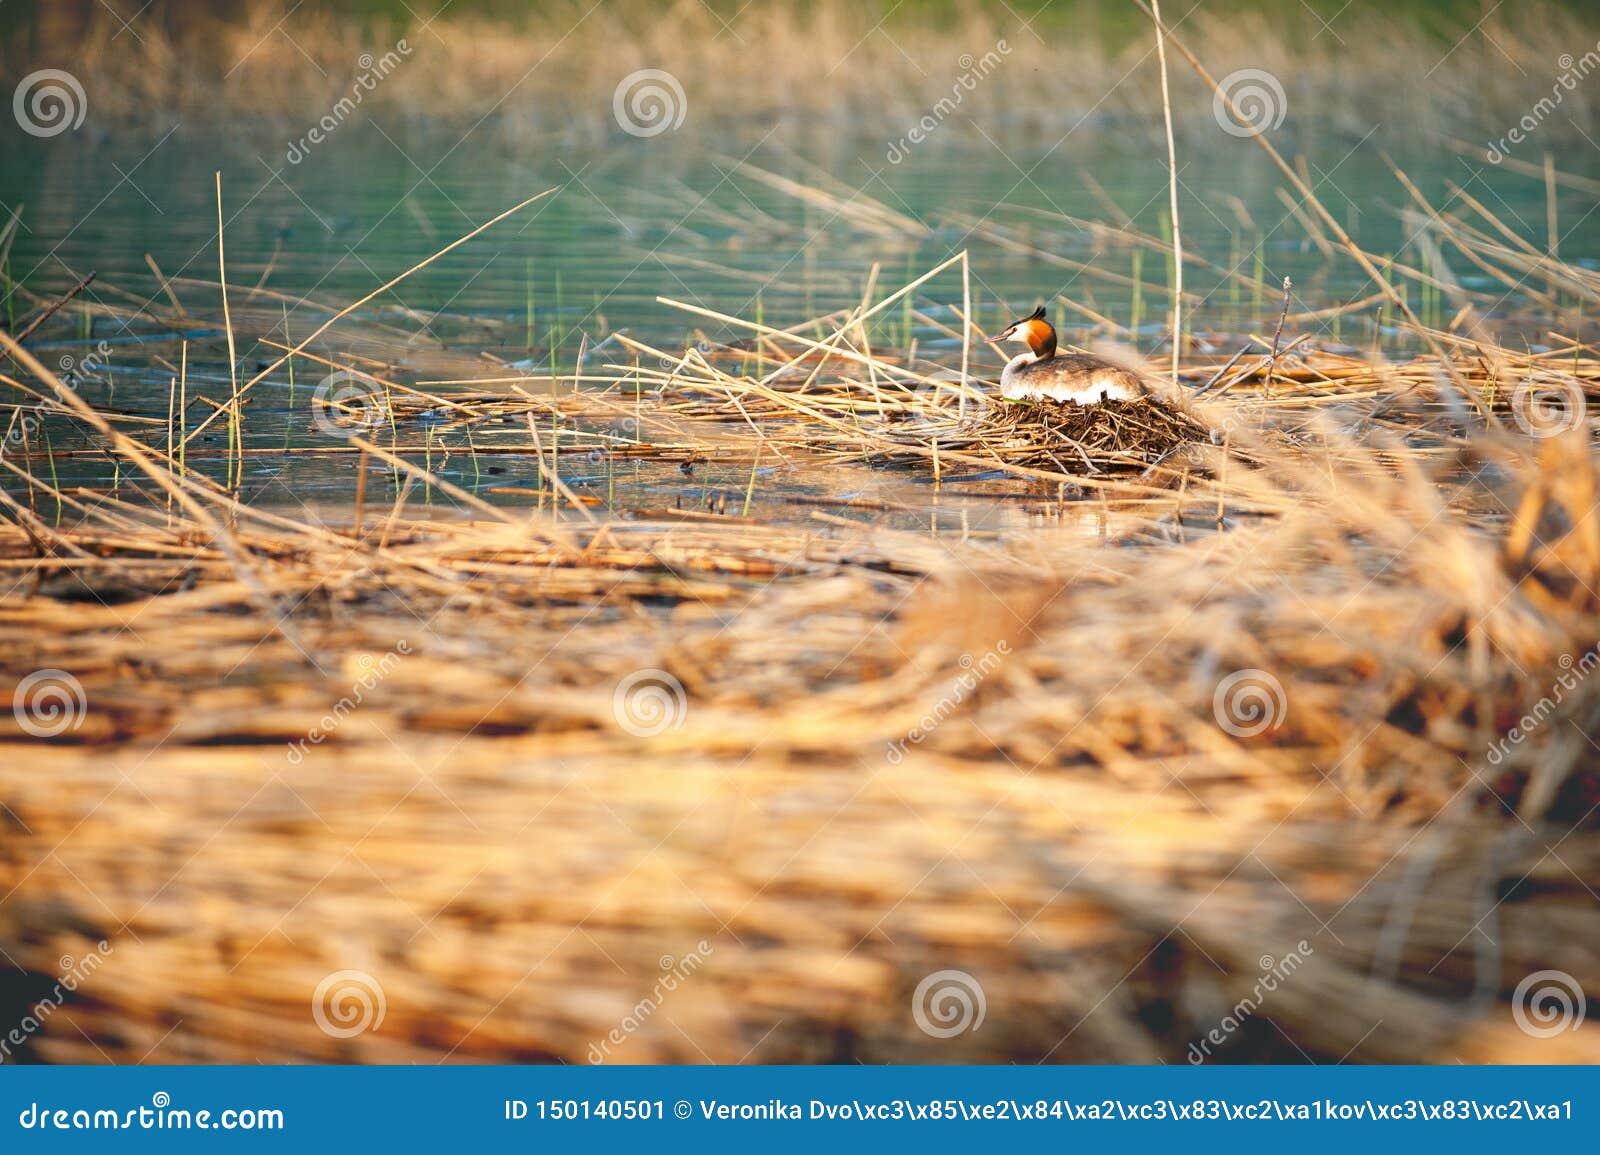 Μεγάλη λοφιοφόρη συνεδρίαση grebe στο cristatus Podiceps φωλιών Φωτογραφία άγριας φύσης με το θολωμένο υπόβαθρο